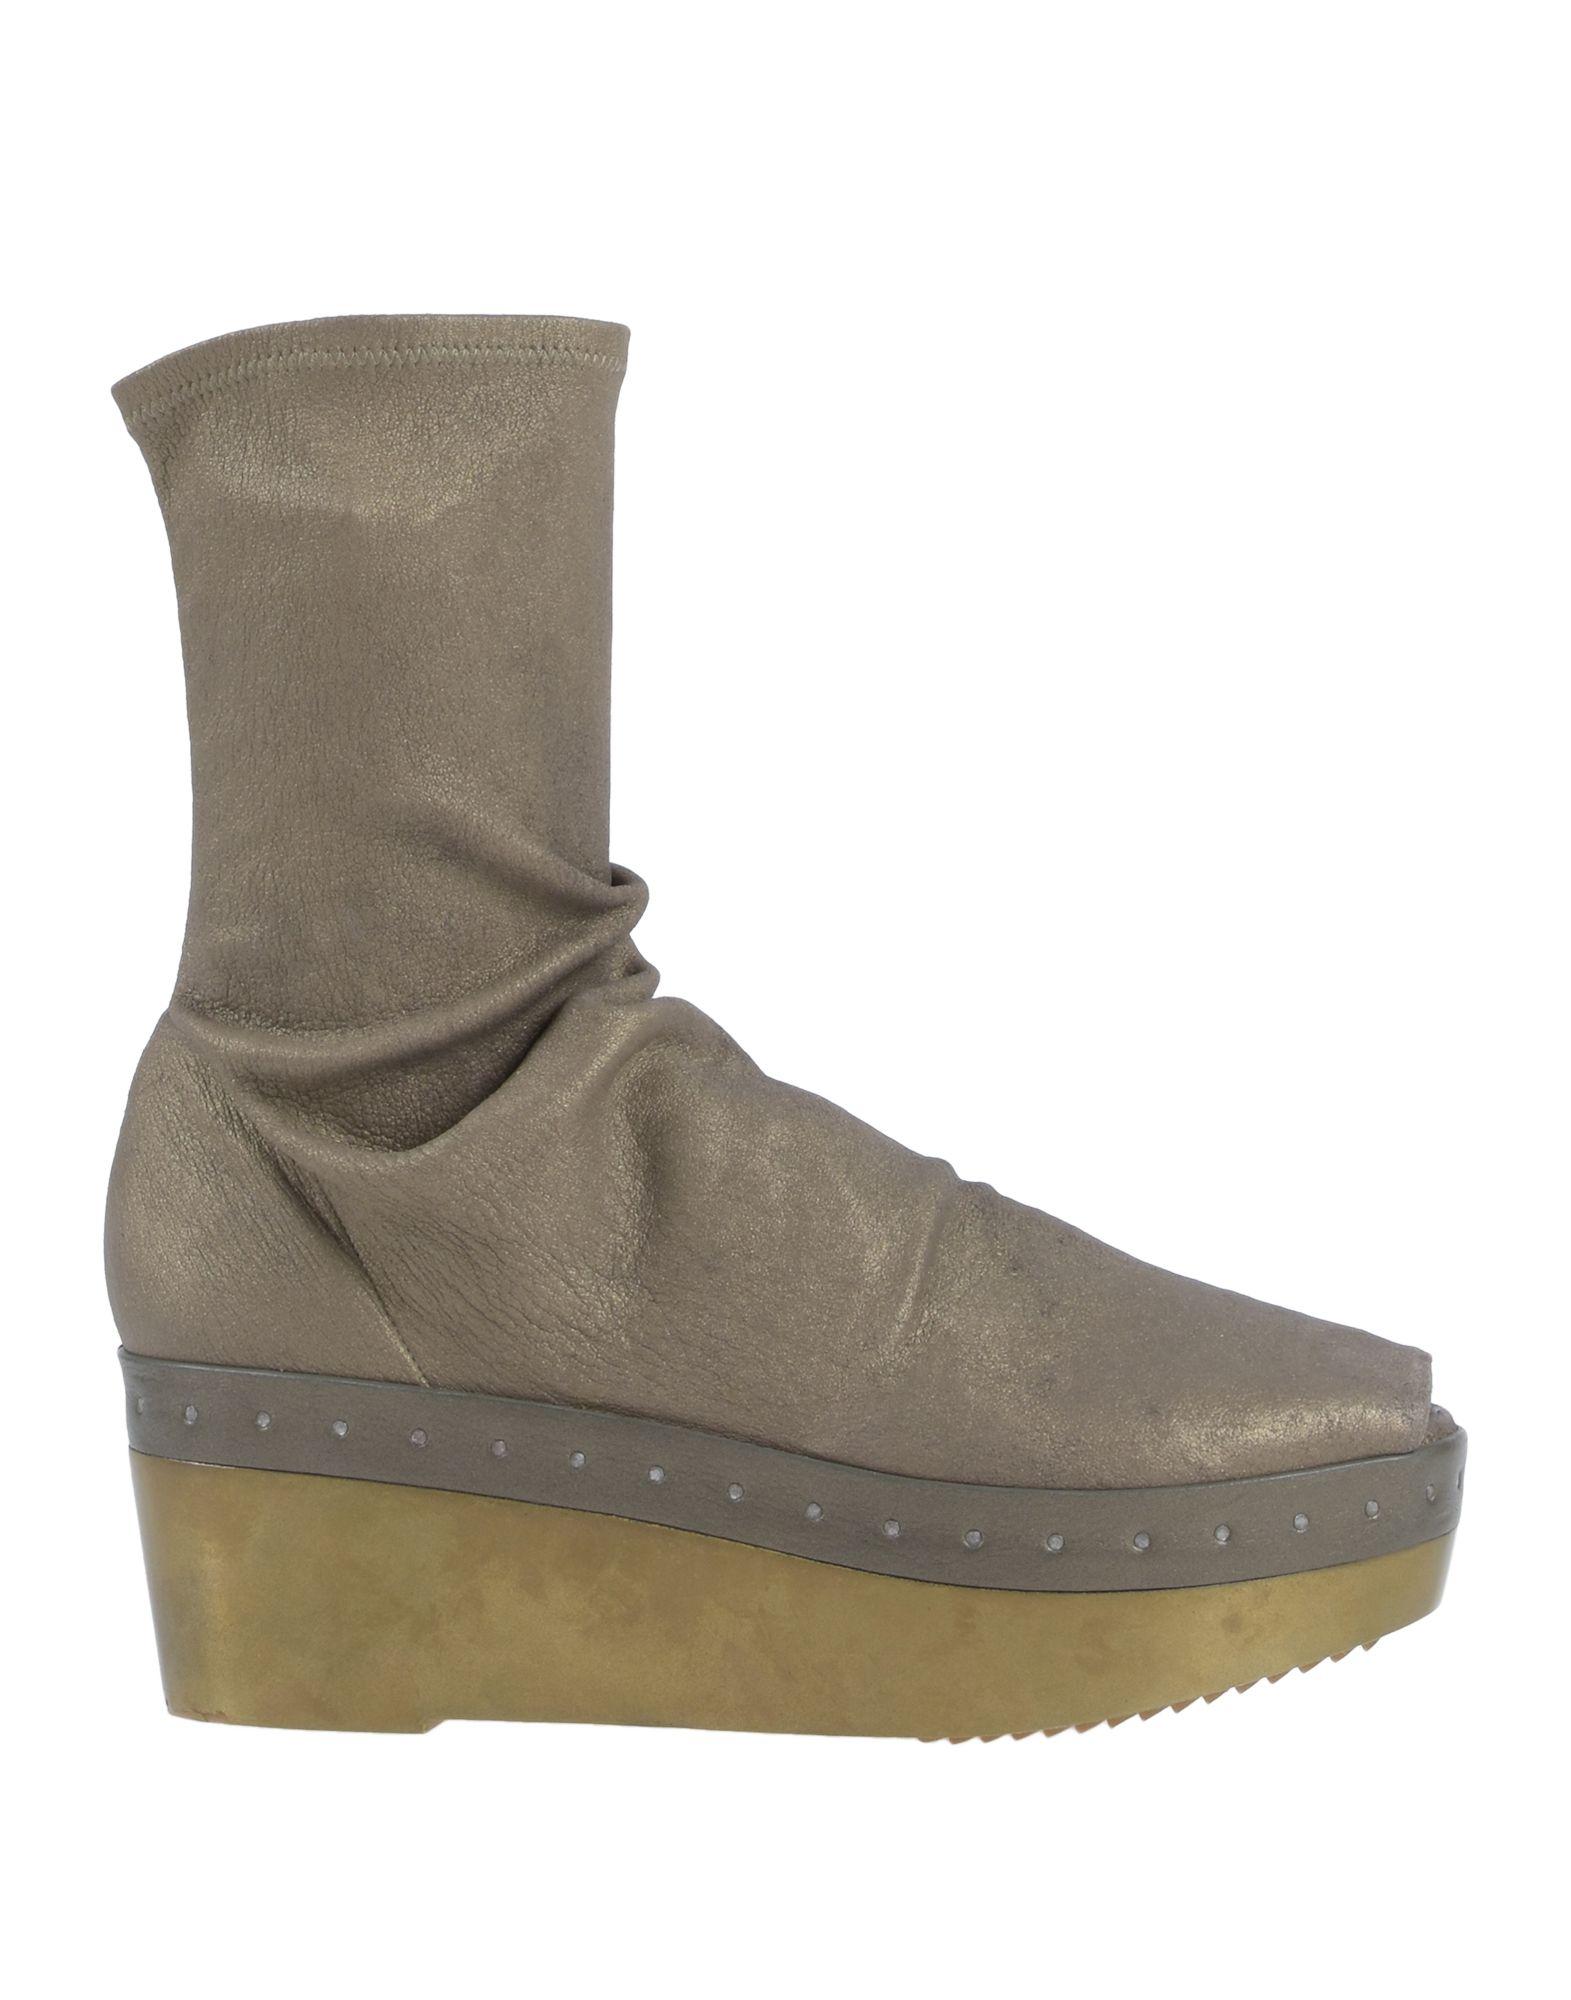 RICK OWENS Полусапоги и высокие ботинки плейбой бренд осенью открытый скалолазания и пешие прогулки досуга для дыхания и водонепроницаемым мужские ботинки